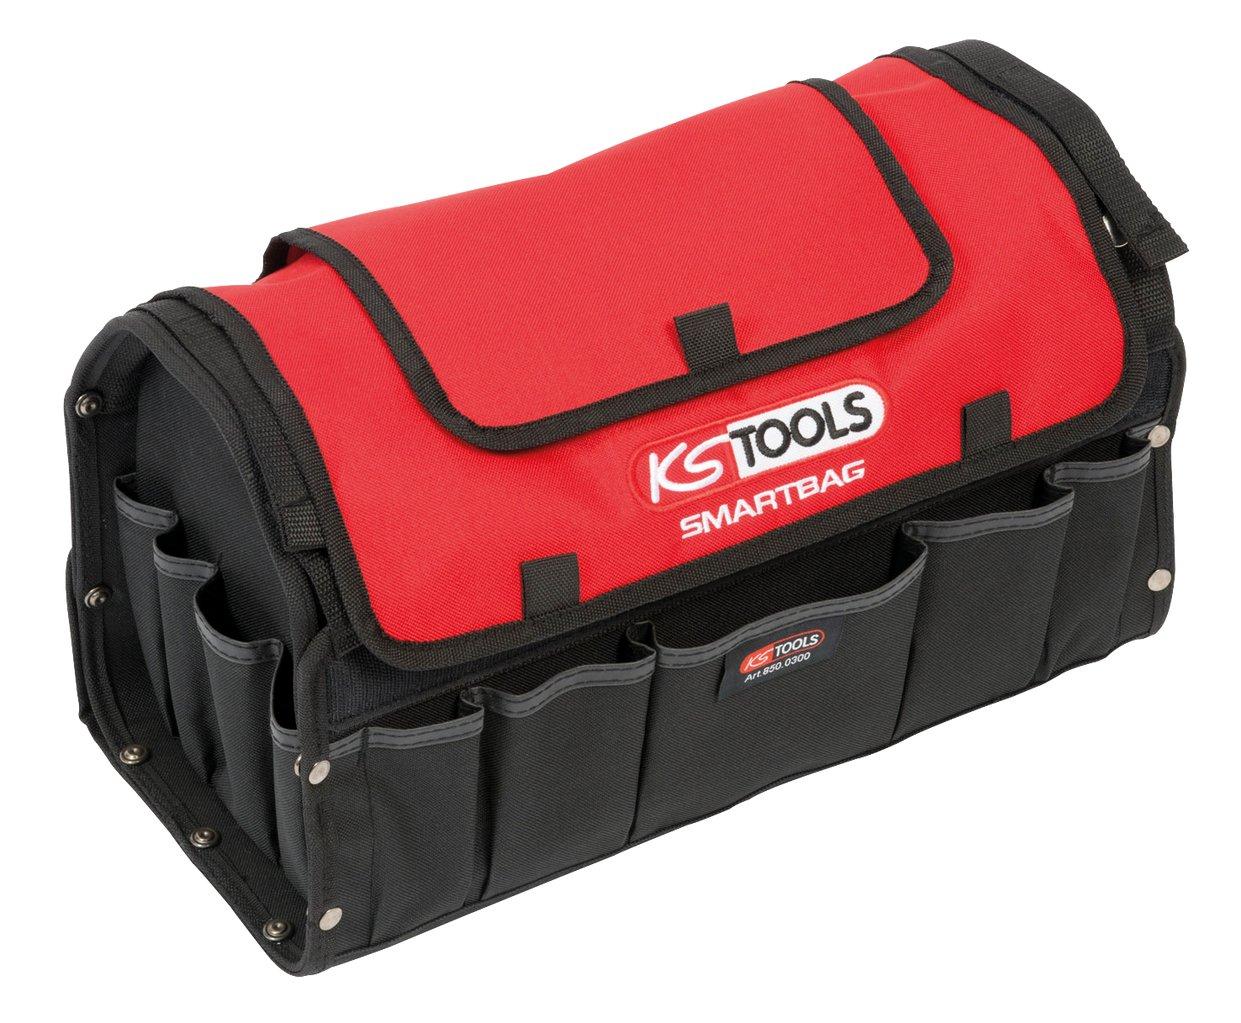 KS Tools 850.0300 Sac à bandoulière Vide 4042146155295